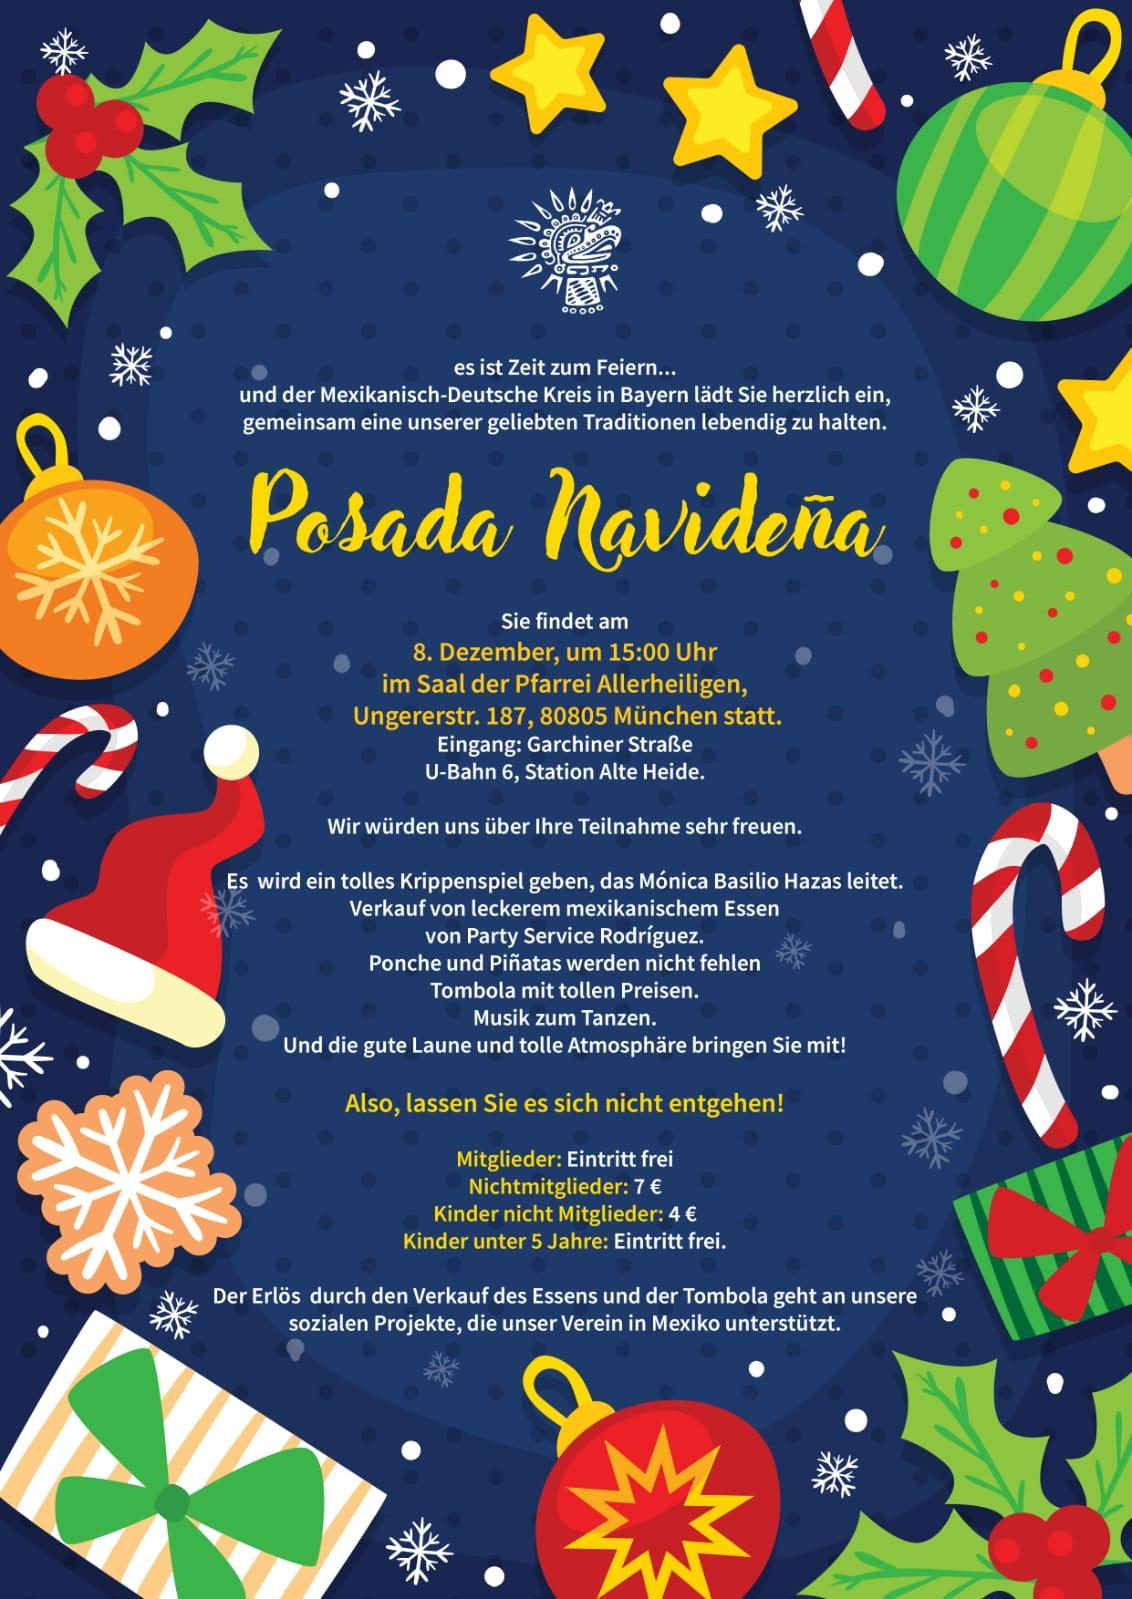 Einladung zur Posada 2018 am 8.12.2018 deutsch